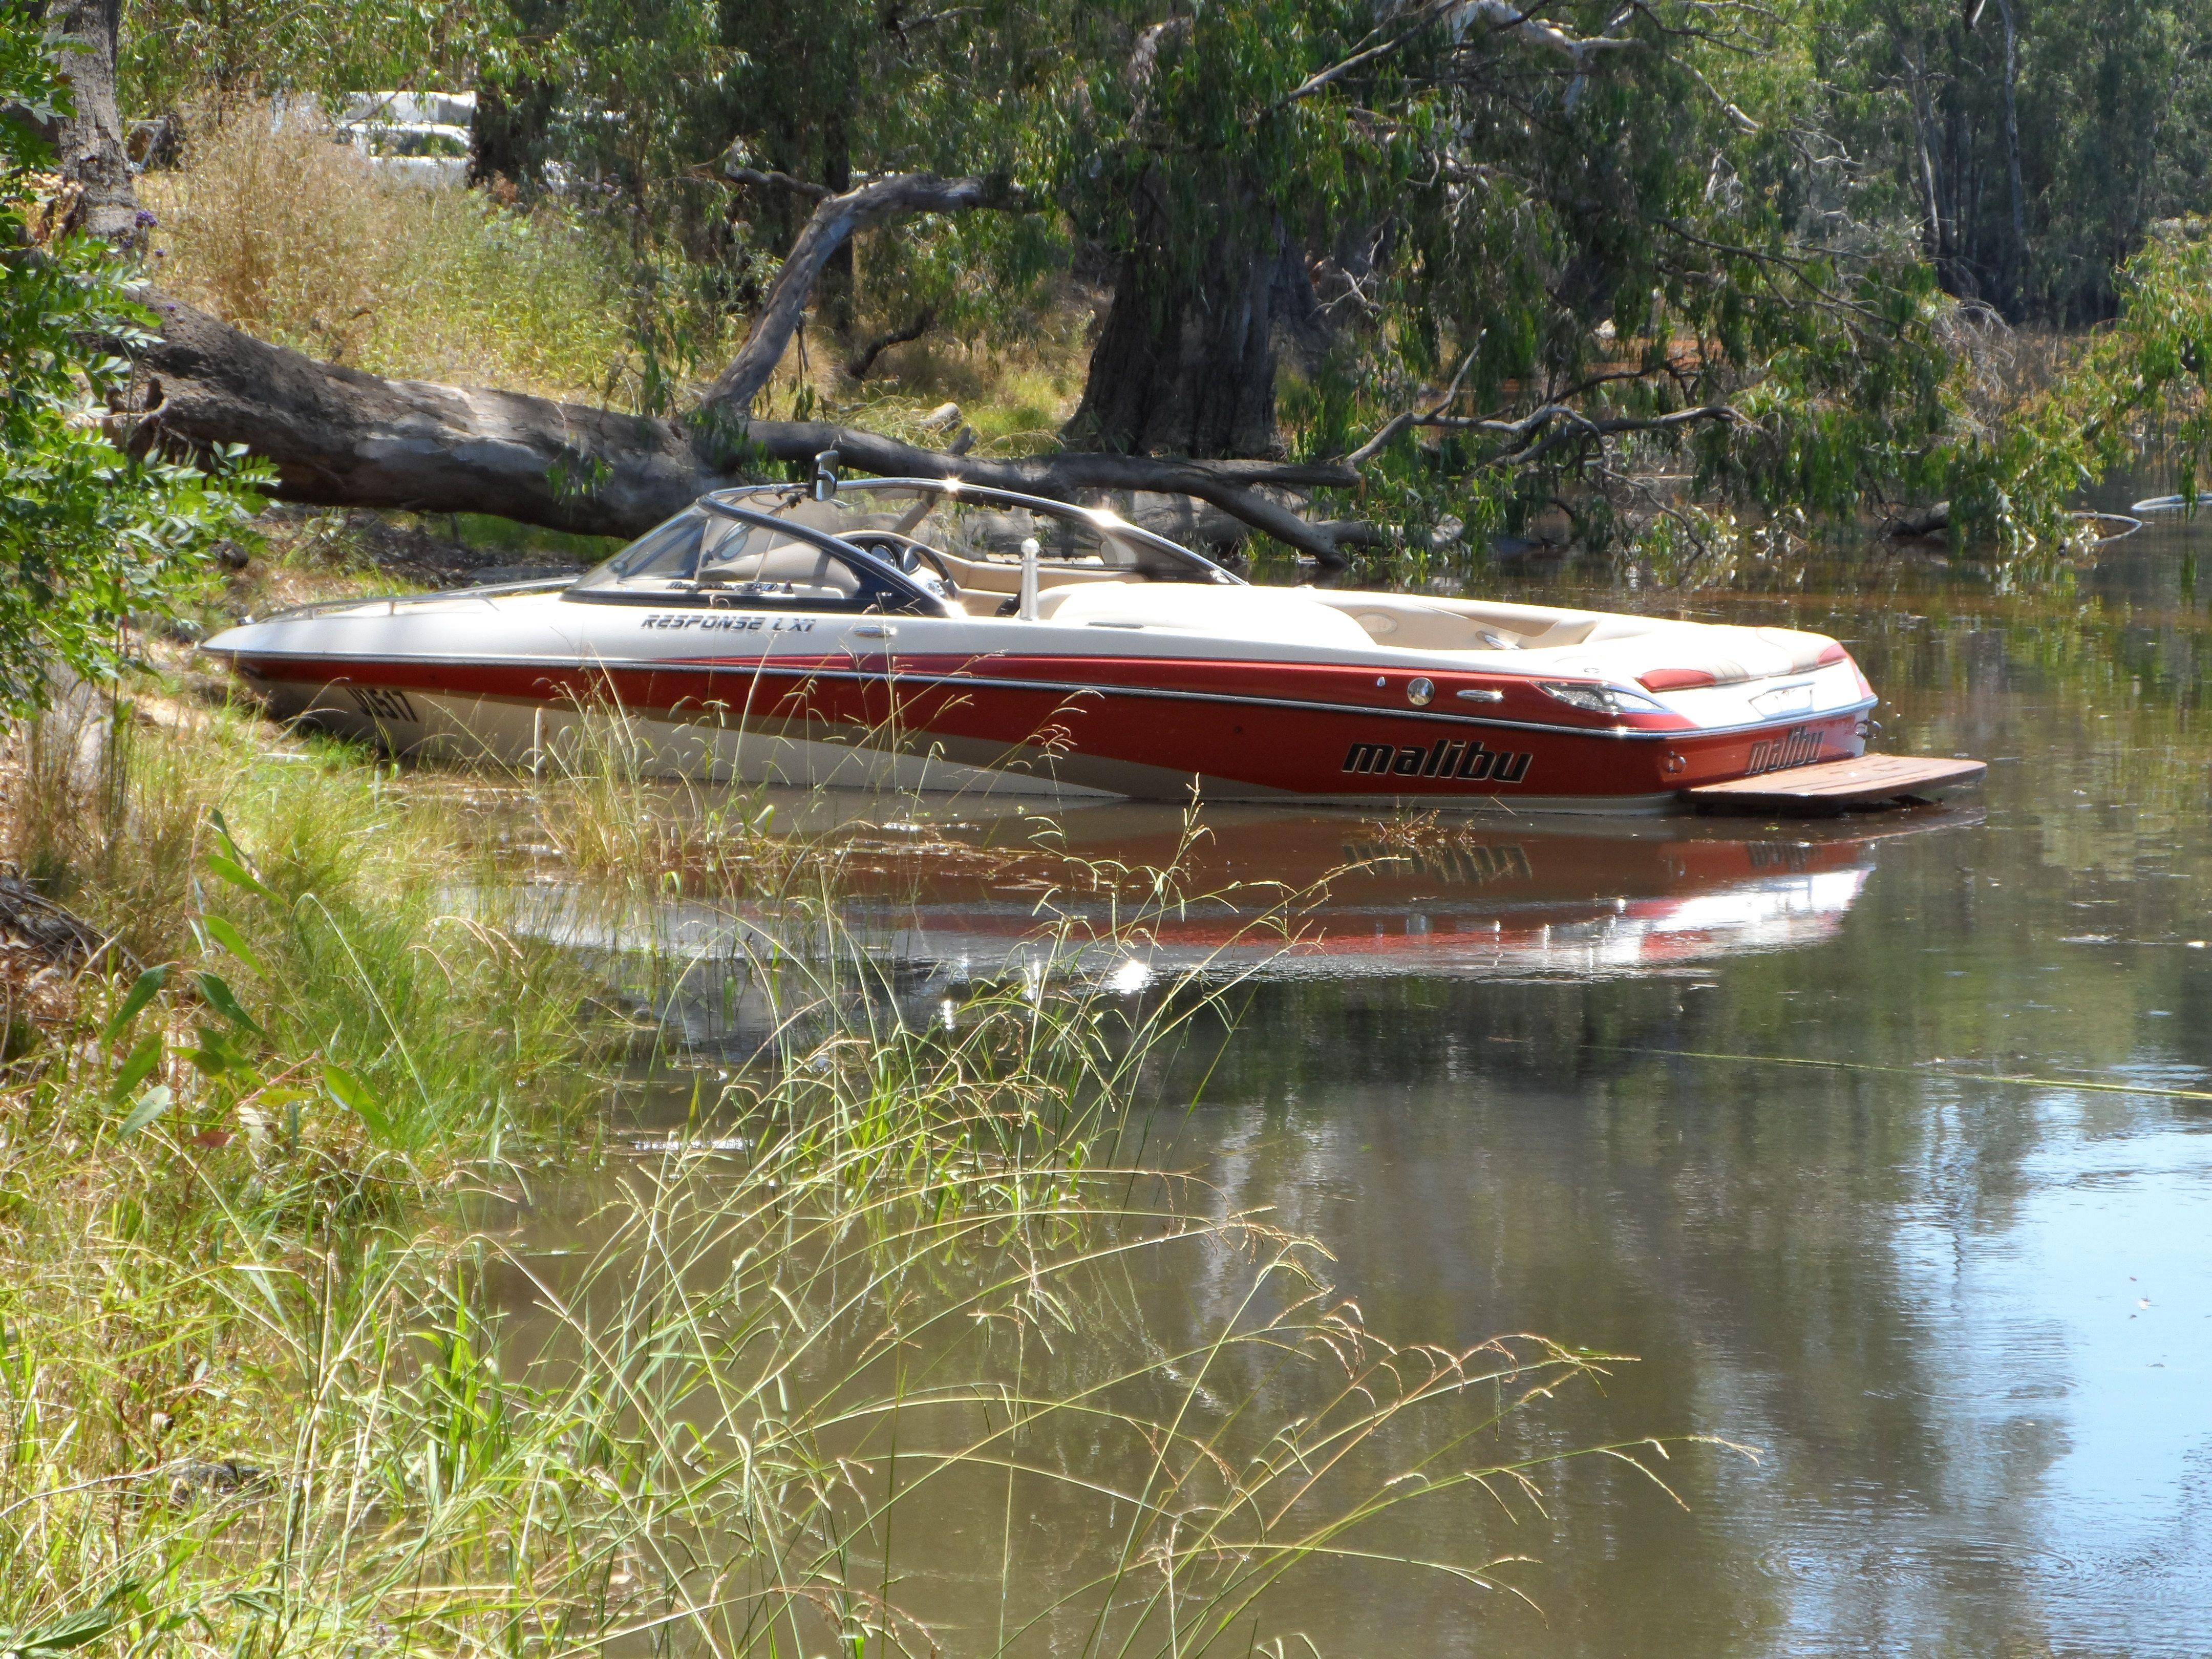 2005 Malibu Response Lxi Malibu Boats Tow Boat Ski Boats